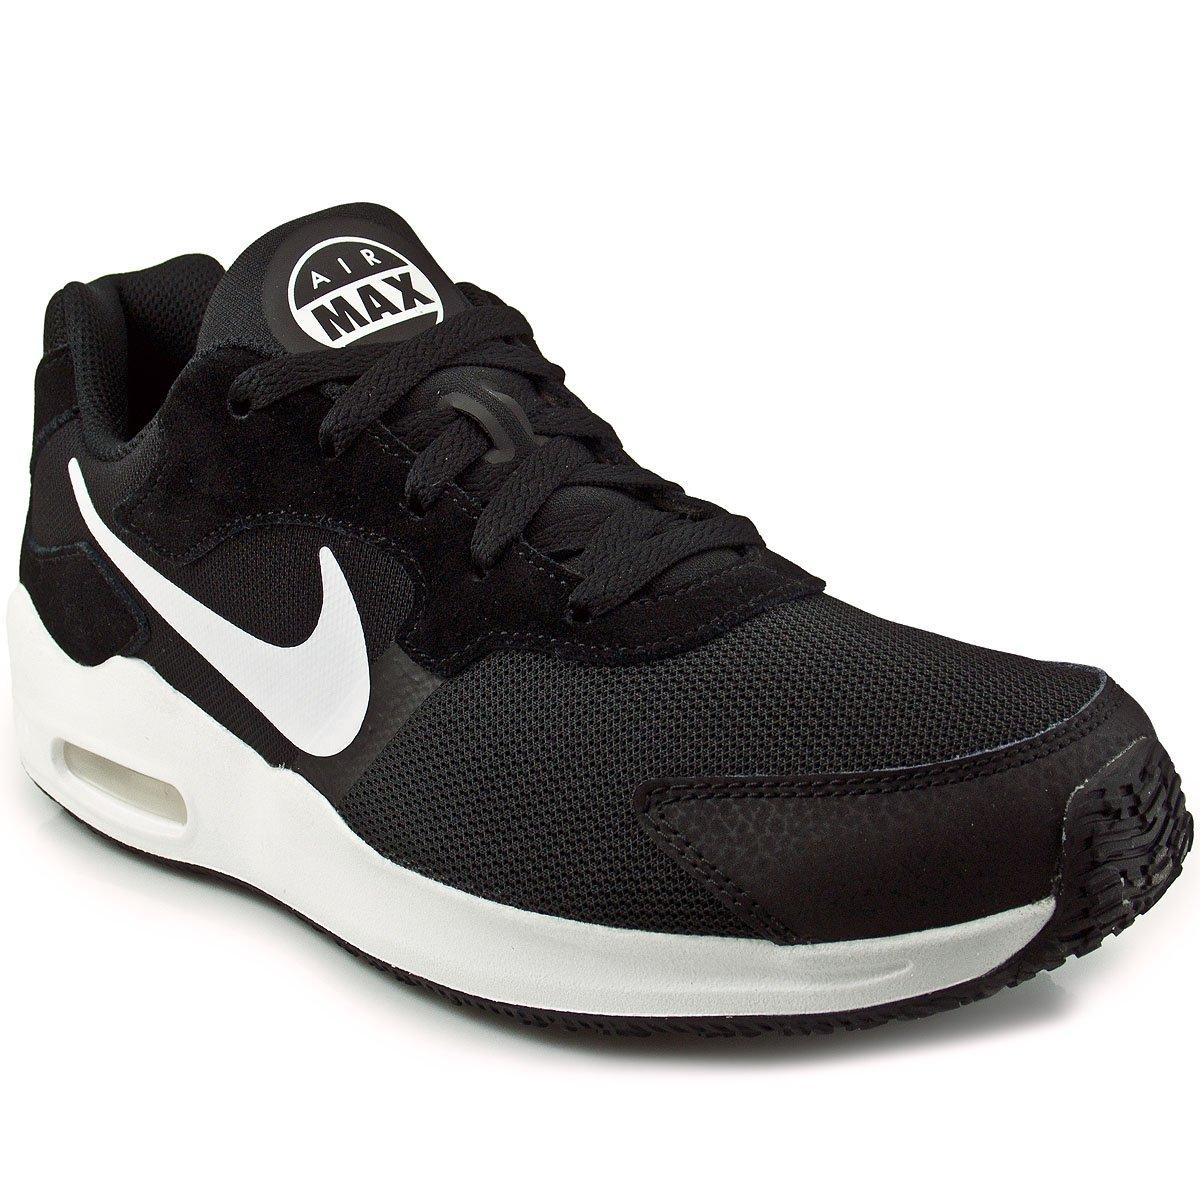 11109ceb1 Tênis Nike Air Max Guile 916768